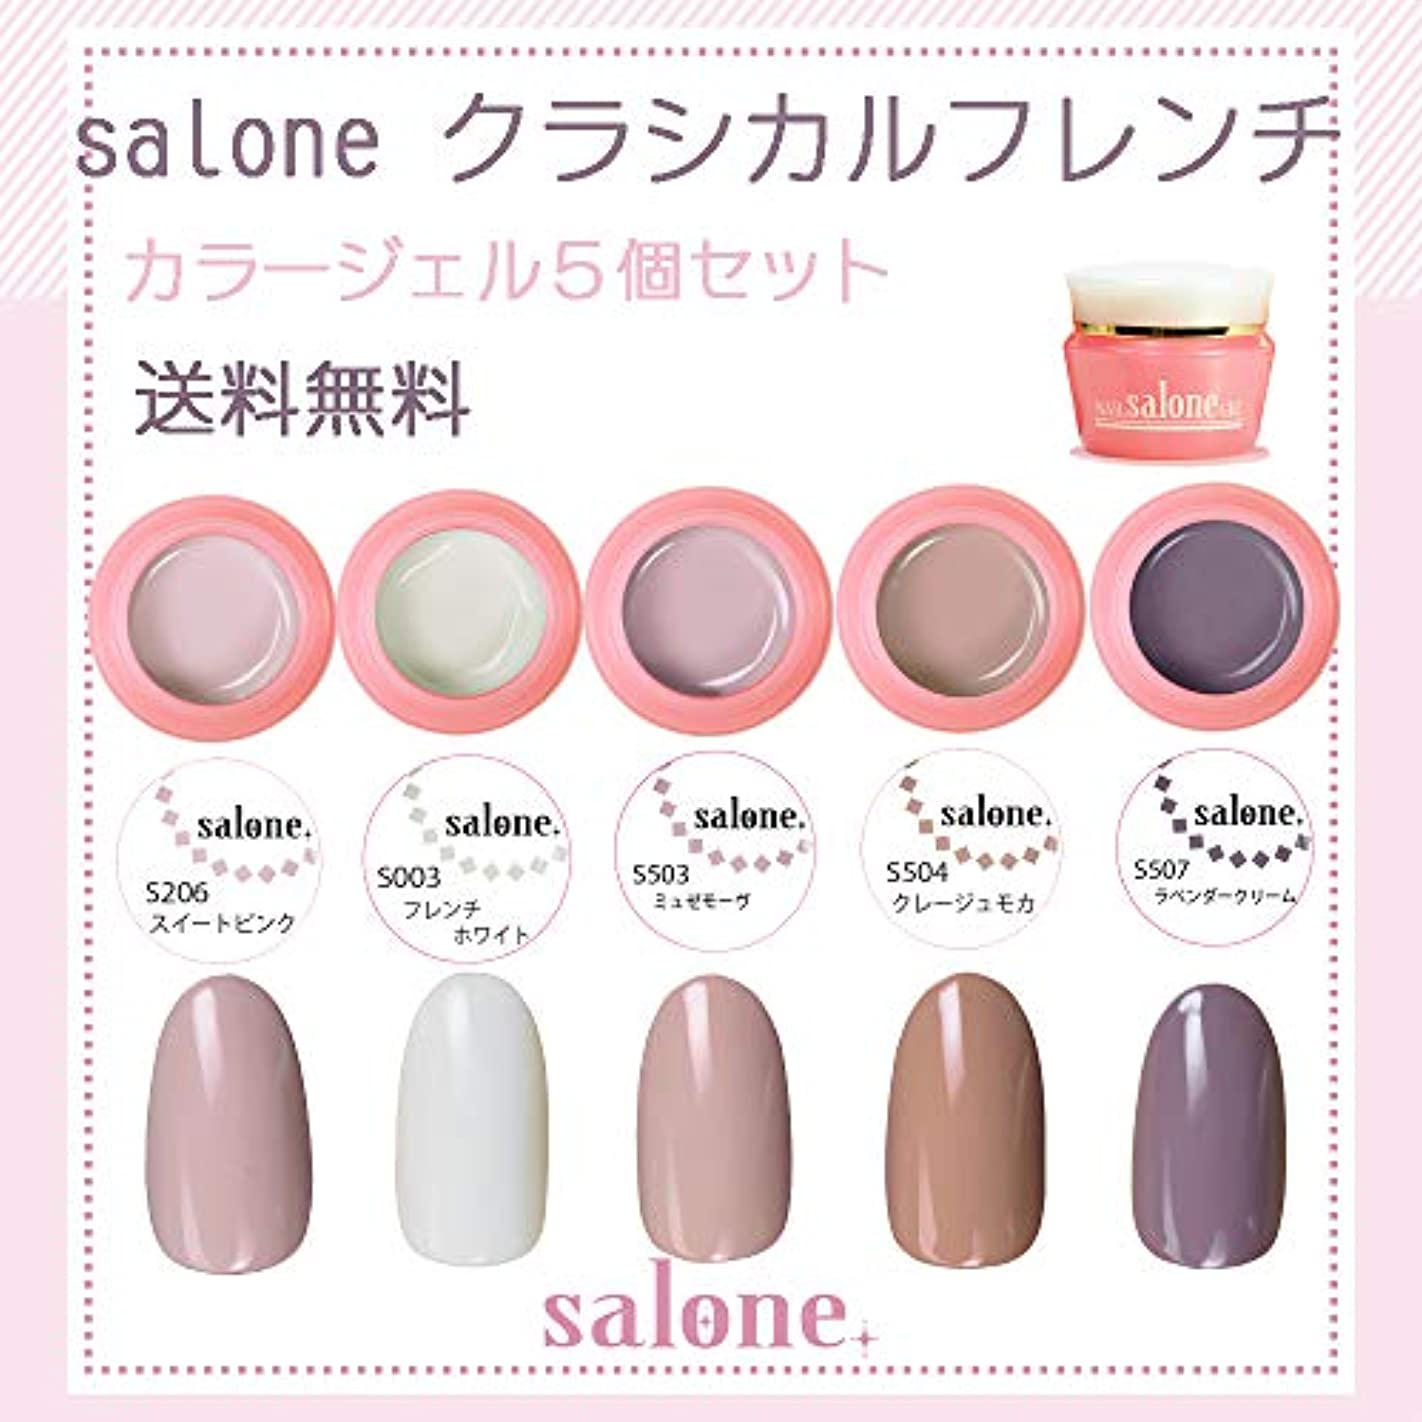 枠厚くする滑りやすい【送料無料 日本製】Salone クラシカルフレンチ カラージェル5個セット 大人っぽくクラッシックで肌なじみの良いカラー